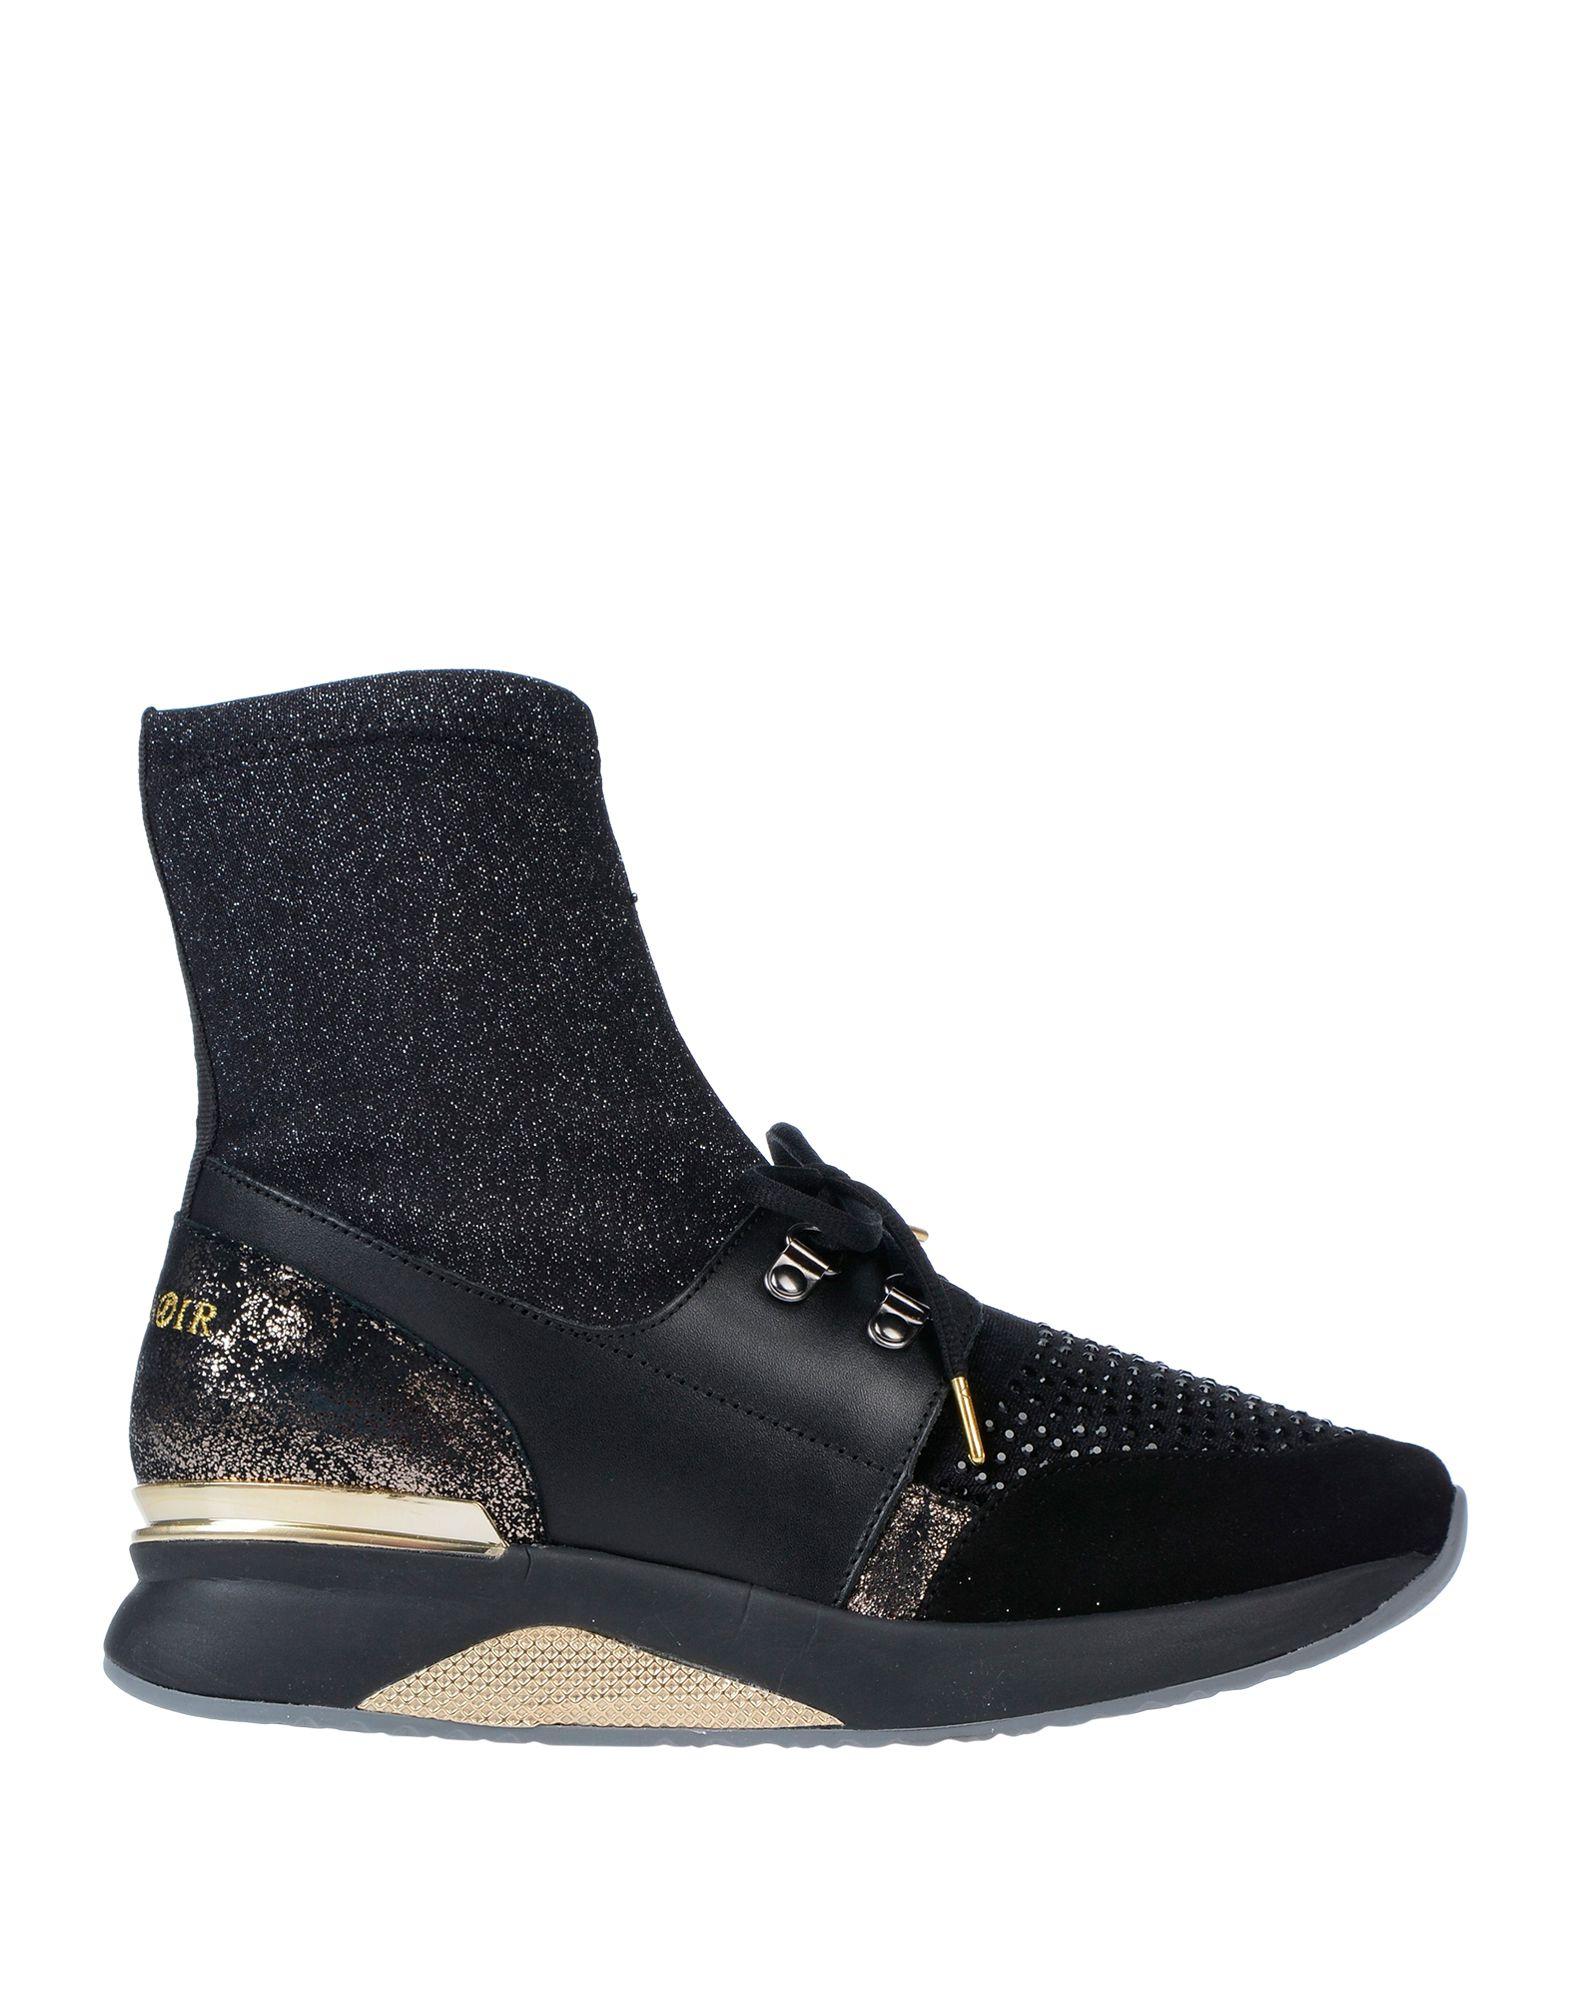 Cafènoir Stiefelette Gute Damen  11479620WL Gute Stiefelette Qualität beliebte Schuhe 302f60